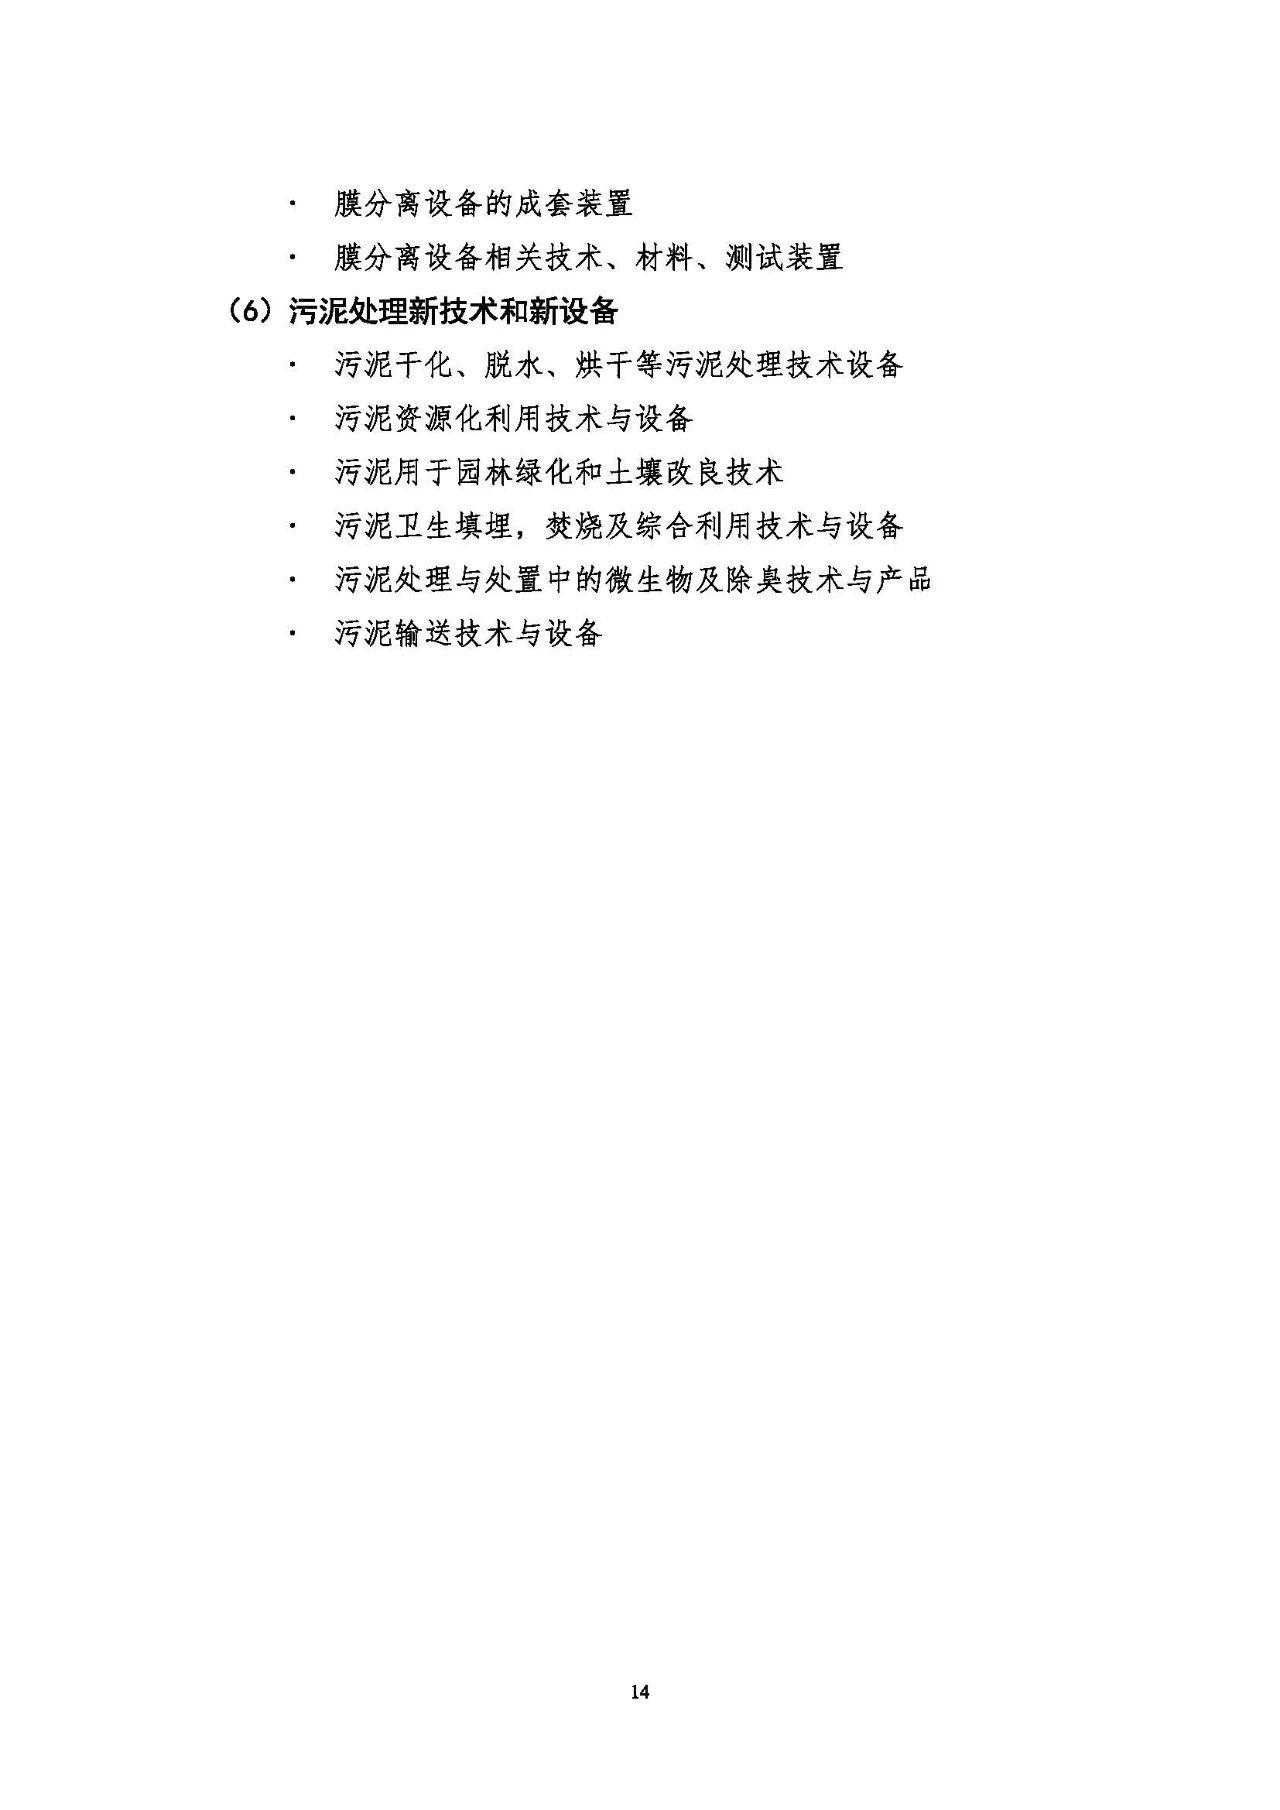 beplay|官方授权(图14)